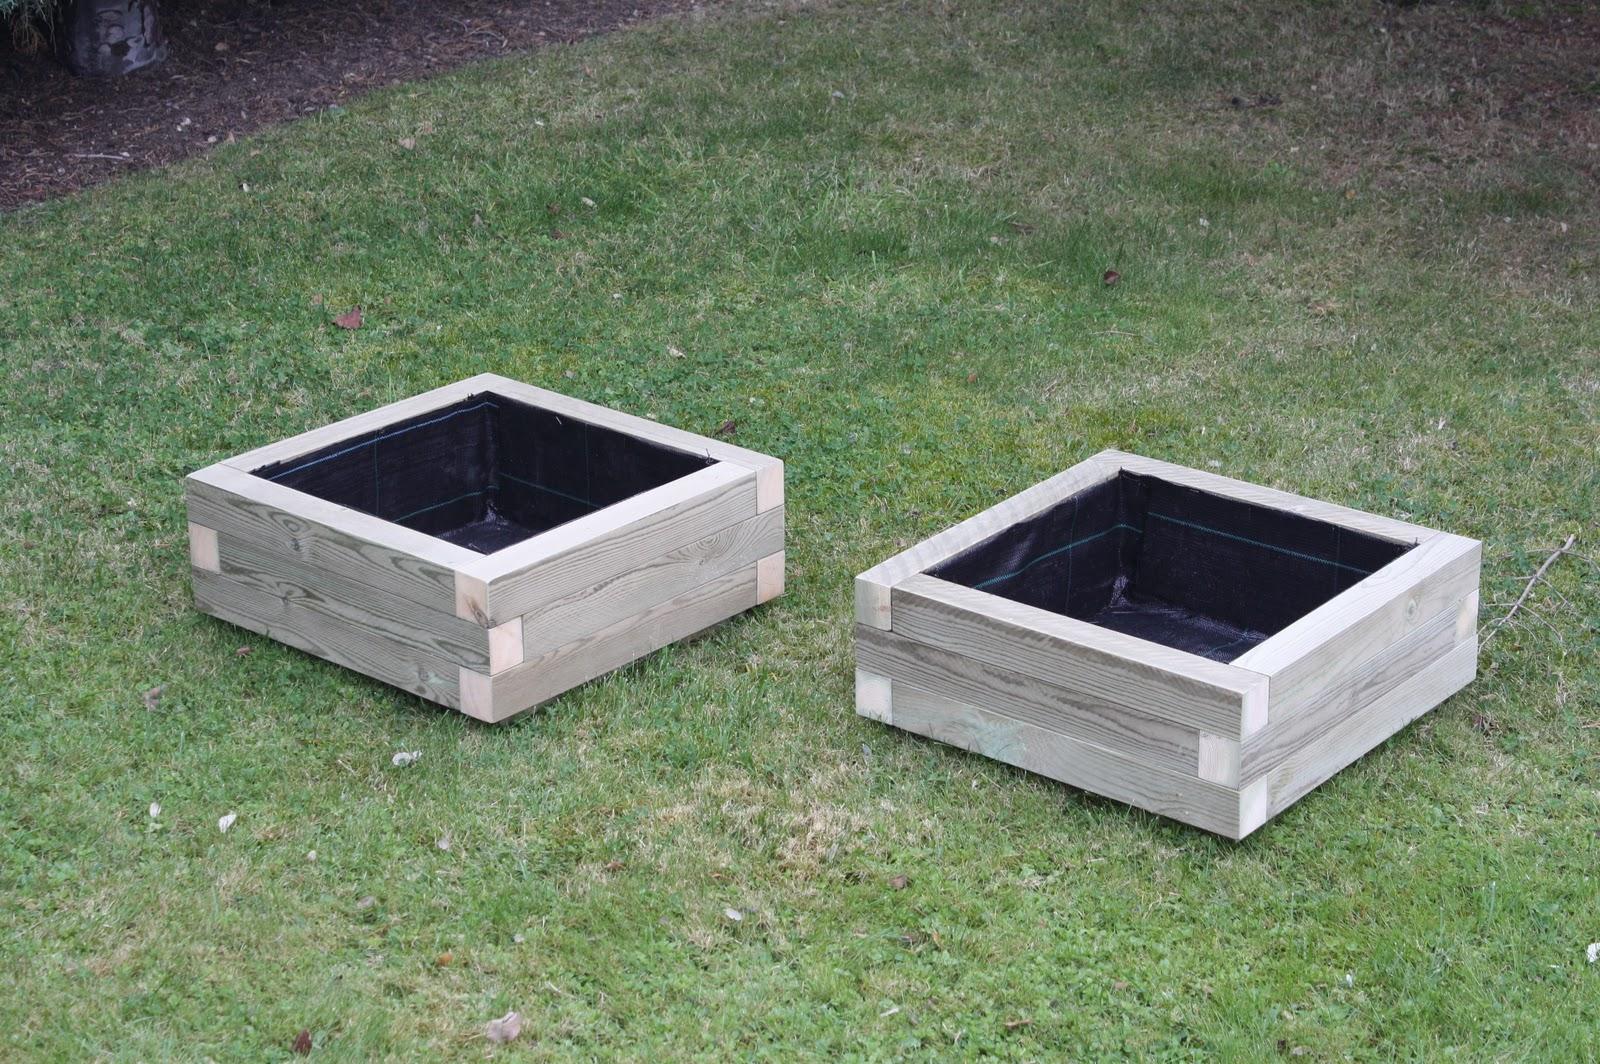 Maceteros y jardineras c a maceteros de madera tratada - Maceteros de interior ...